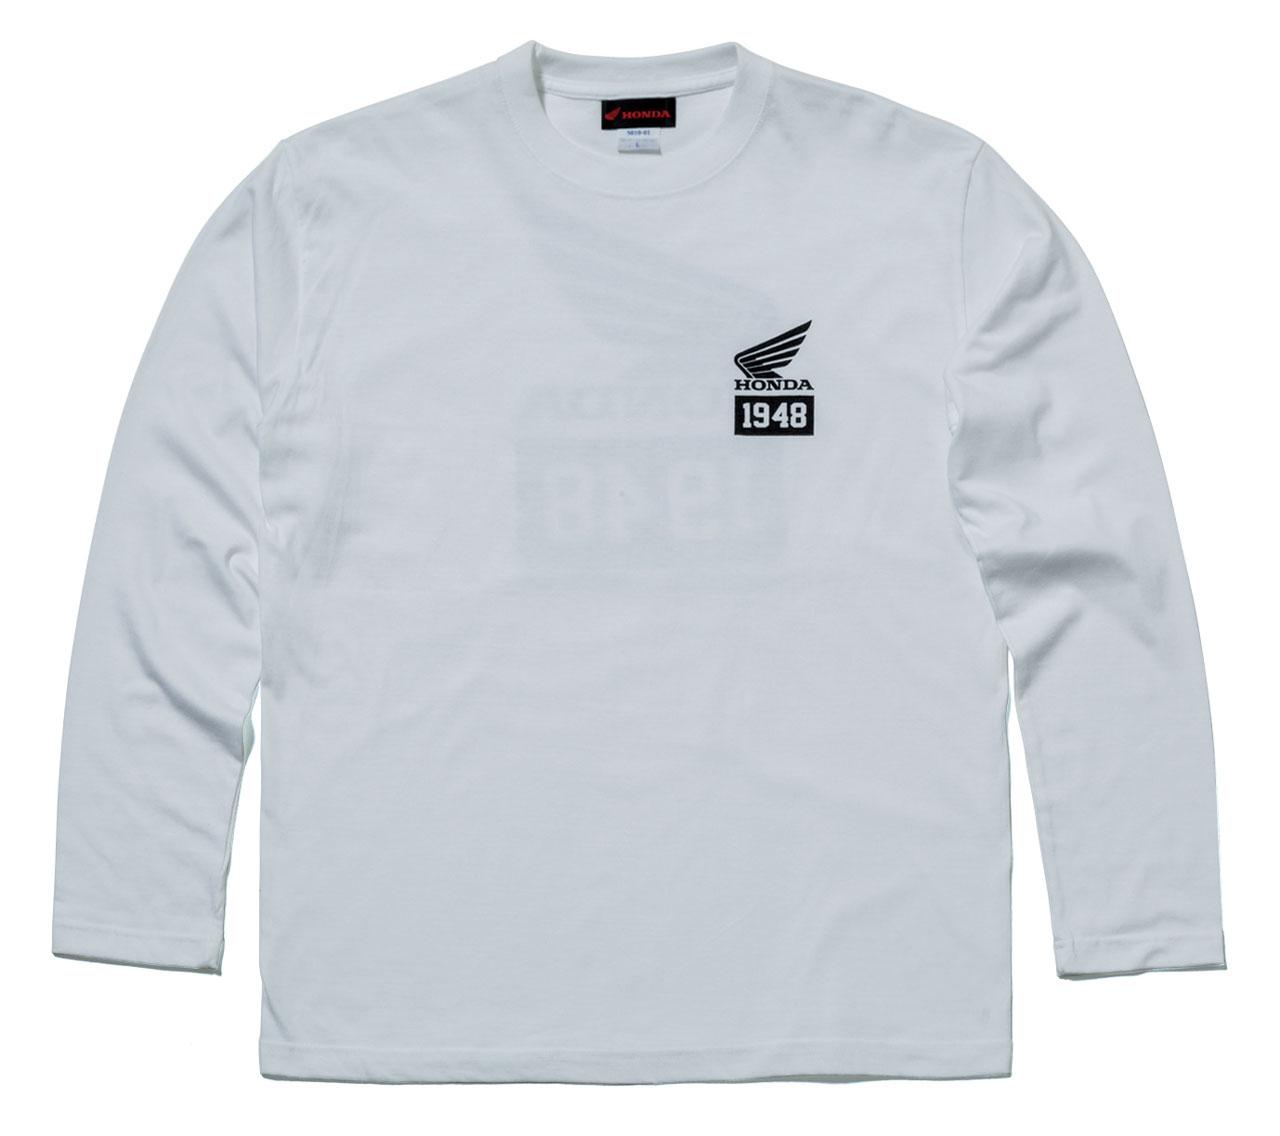 【HONDA×YOSHIDA ROBERTO】長袖 T恤「1948」